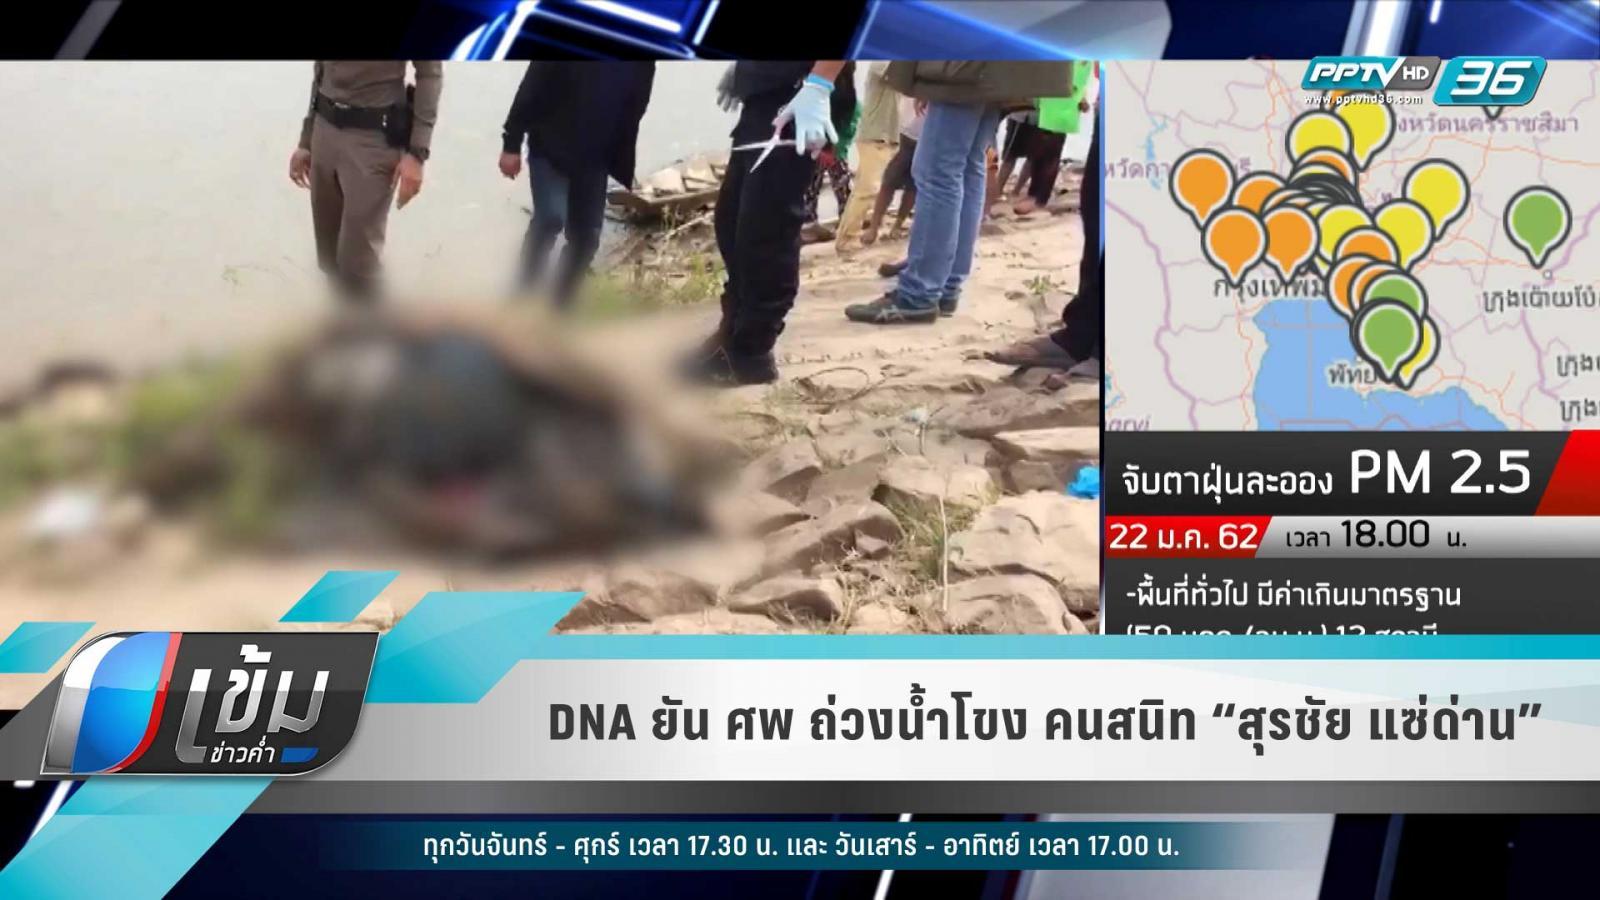 """DNA ยัน ศพ ถ่วงน้ำโขง คนสนิท """"สุรชัย แซ่ด่าน"""""""